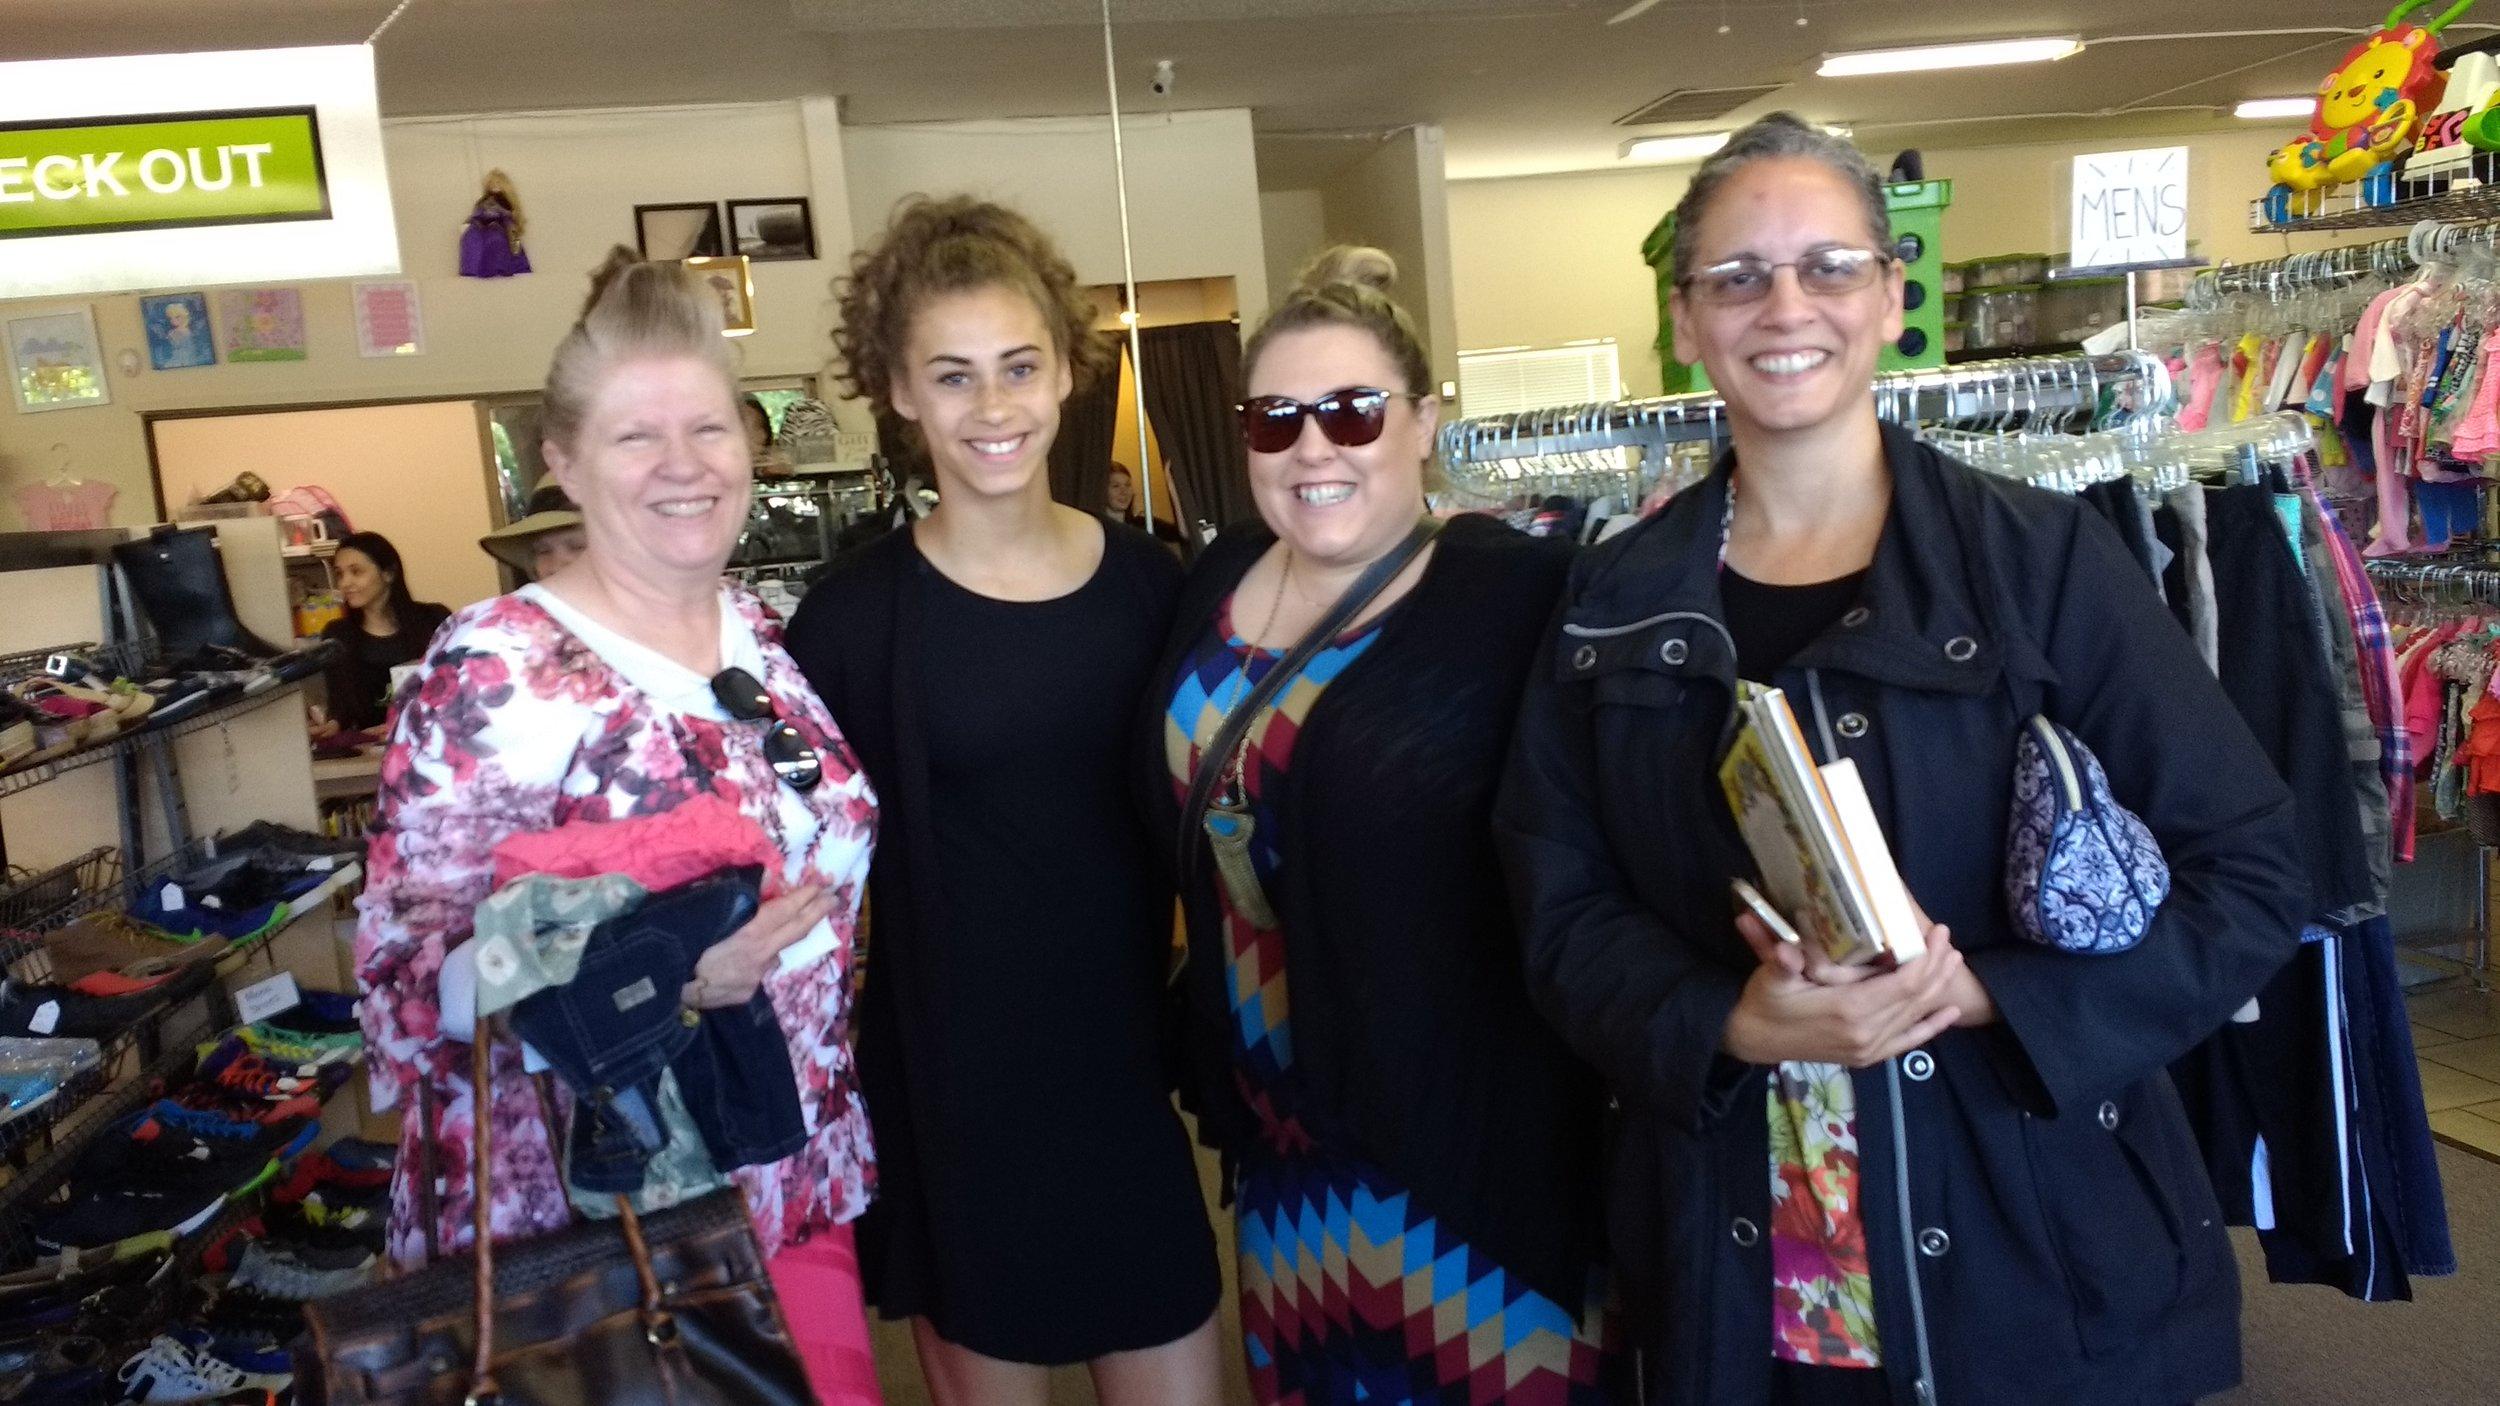 Sis. Green, granddaughter Mira, daughter Cari and Sis. Loretta at That Baby Store